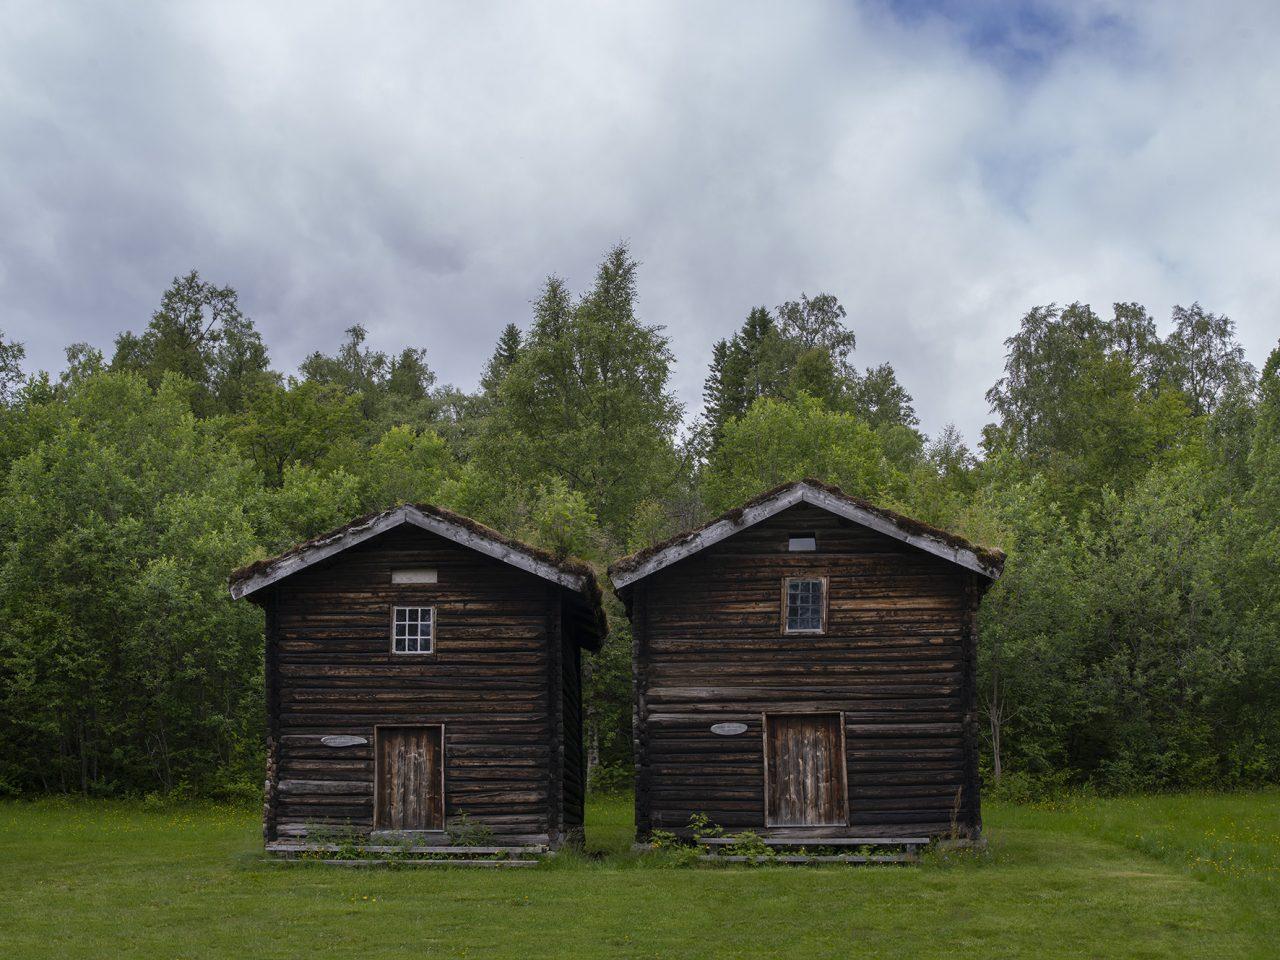 Stabbur fra Åenge, Stenneset, Rana